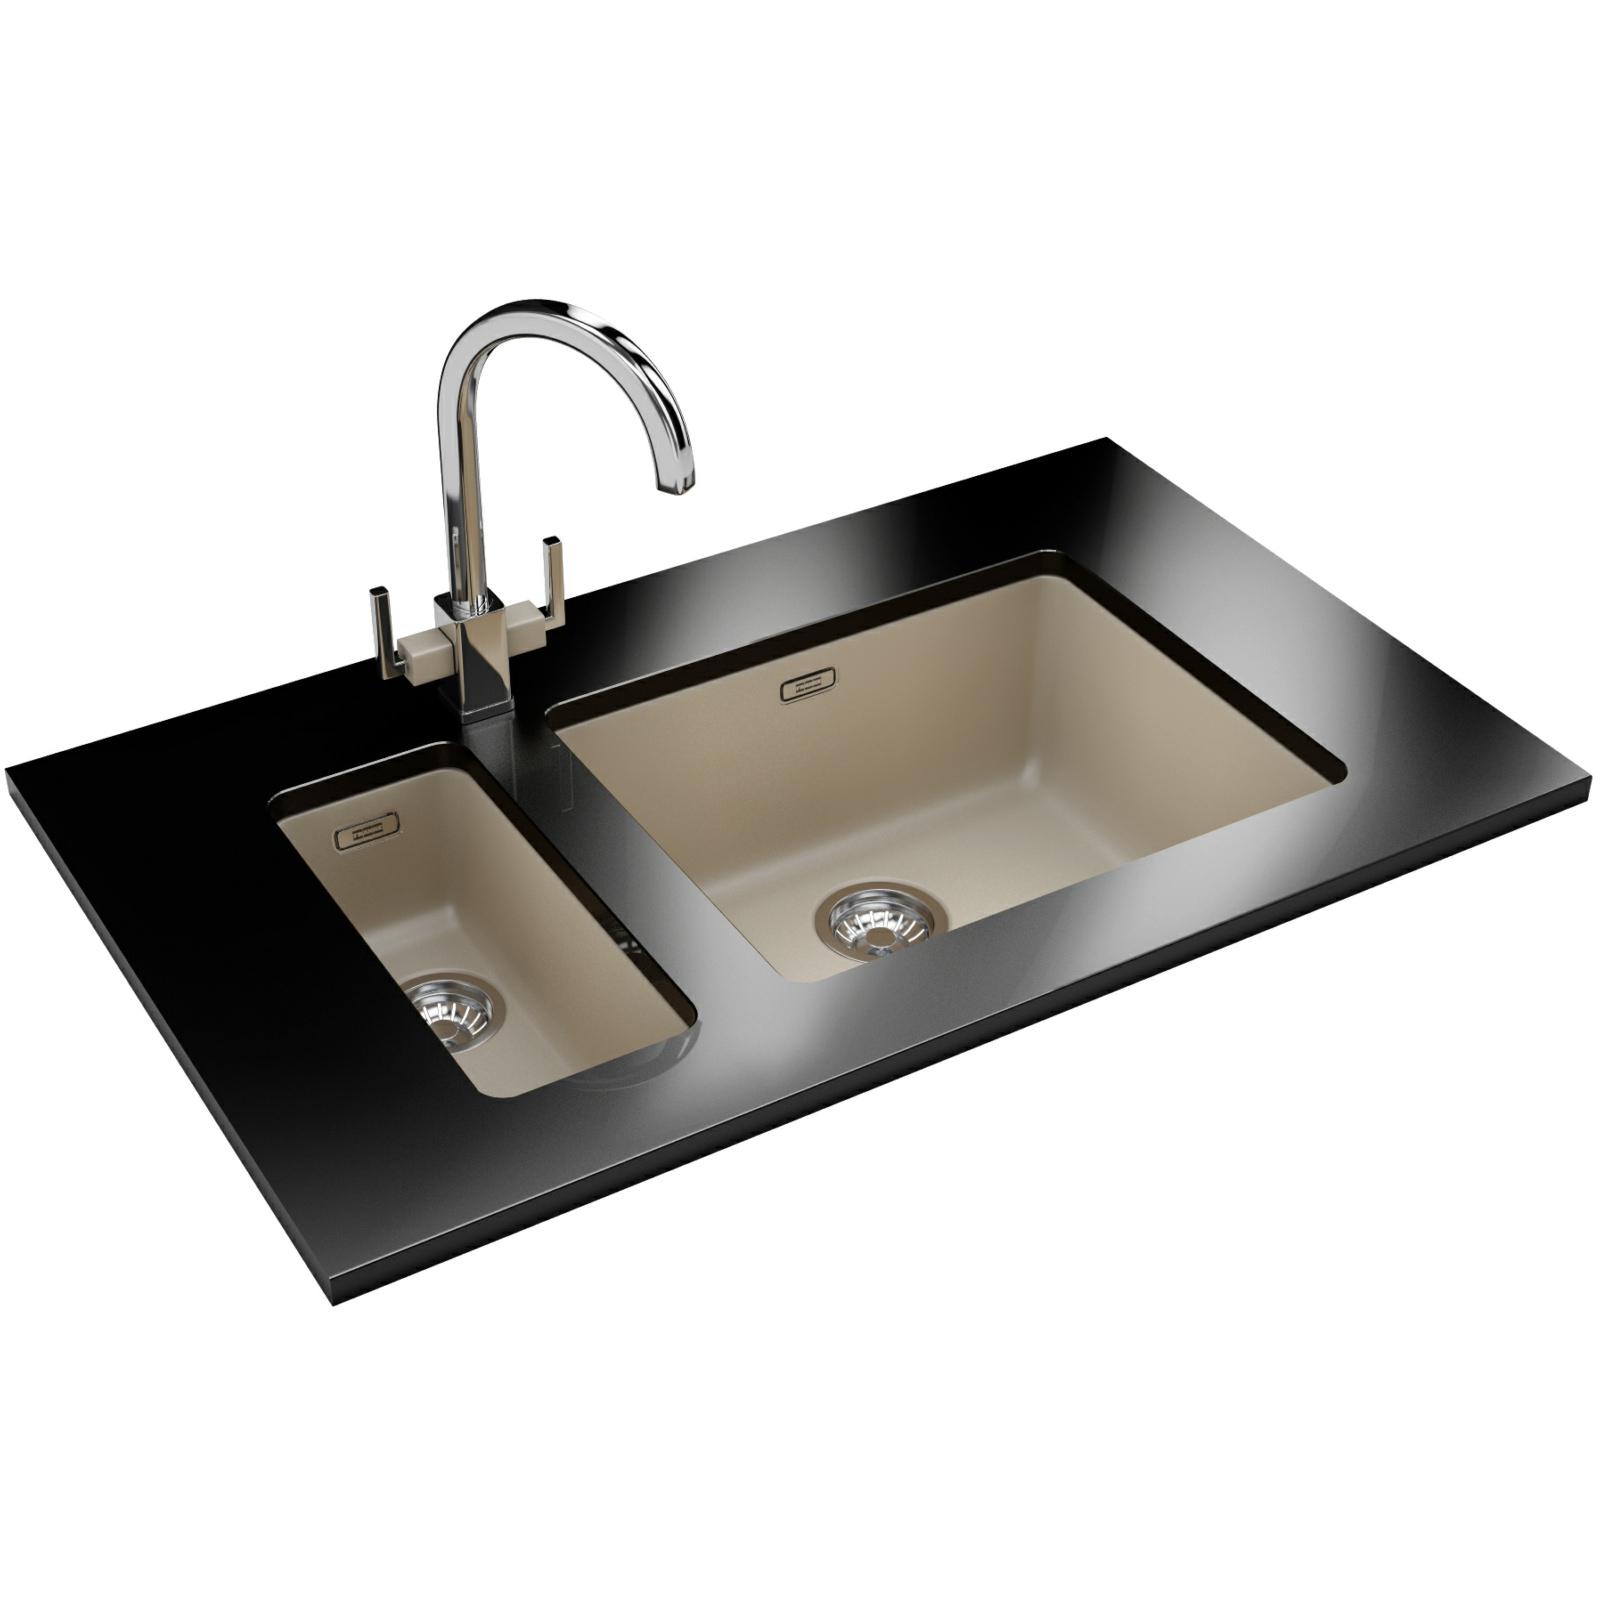 Franke Kubus Kbg 110 50 Fragranite Coffee Undermount Sink